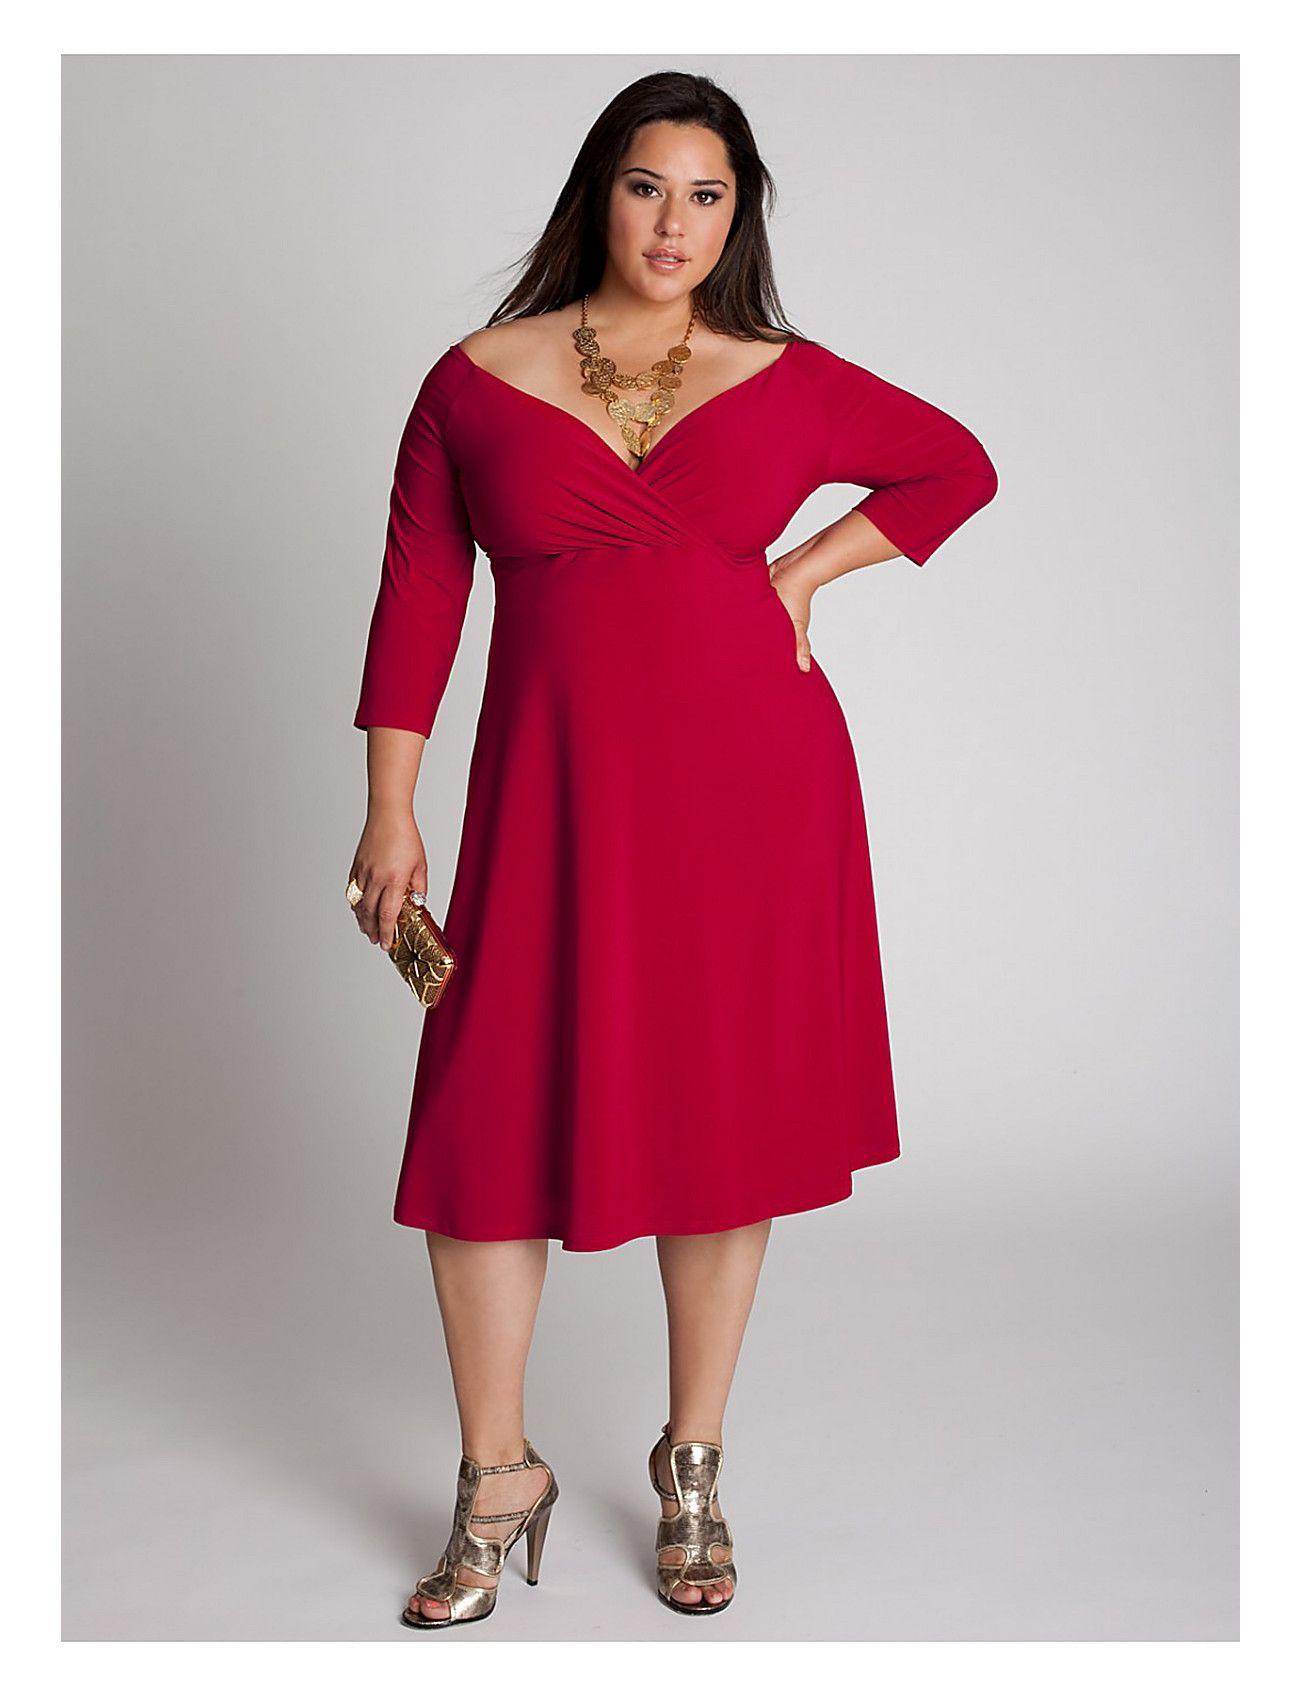 ad00372251dbe Francesca Dress in Crimson by IGIGI by Yuliya Raquel  155.00